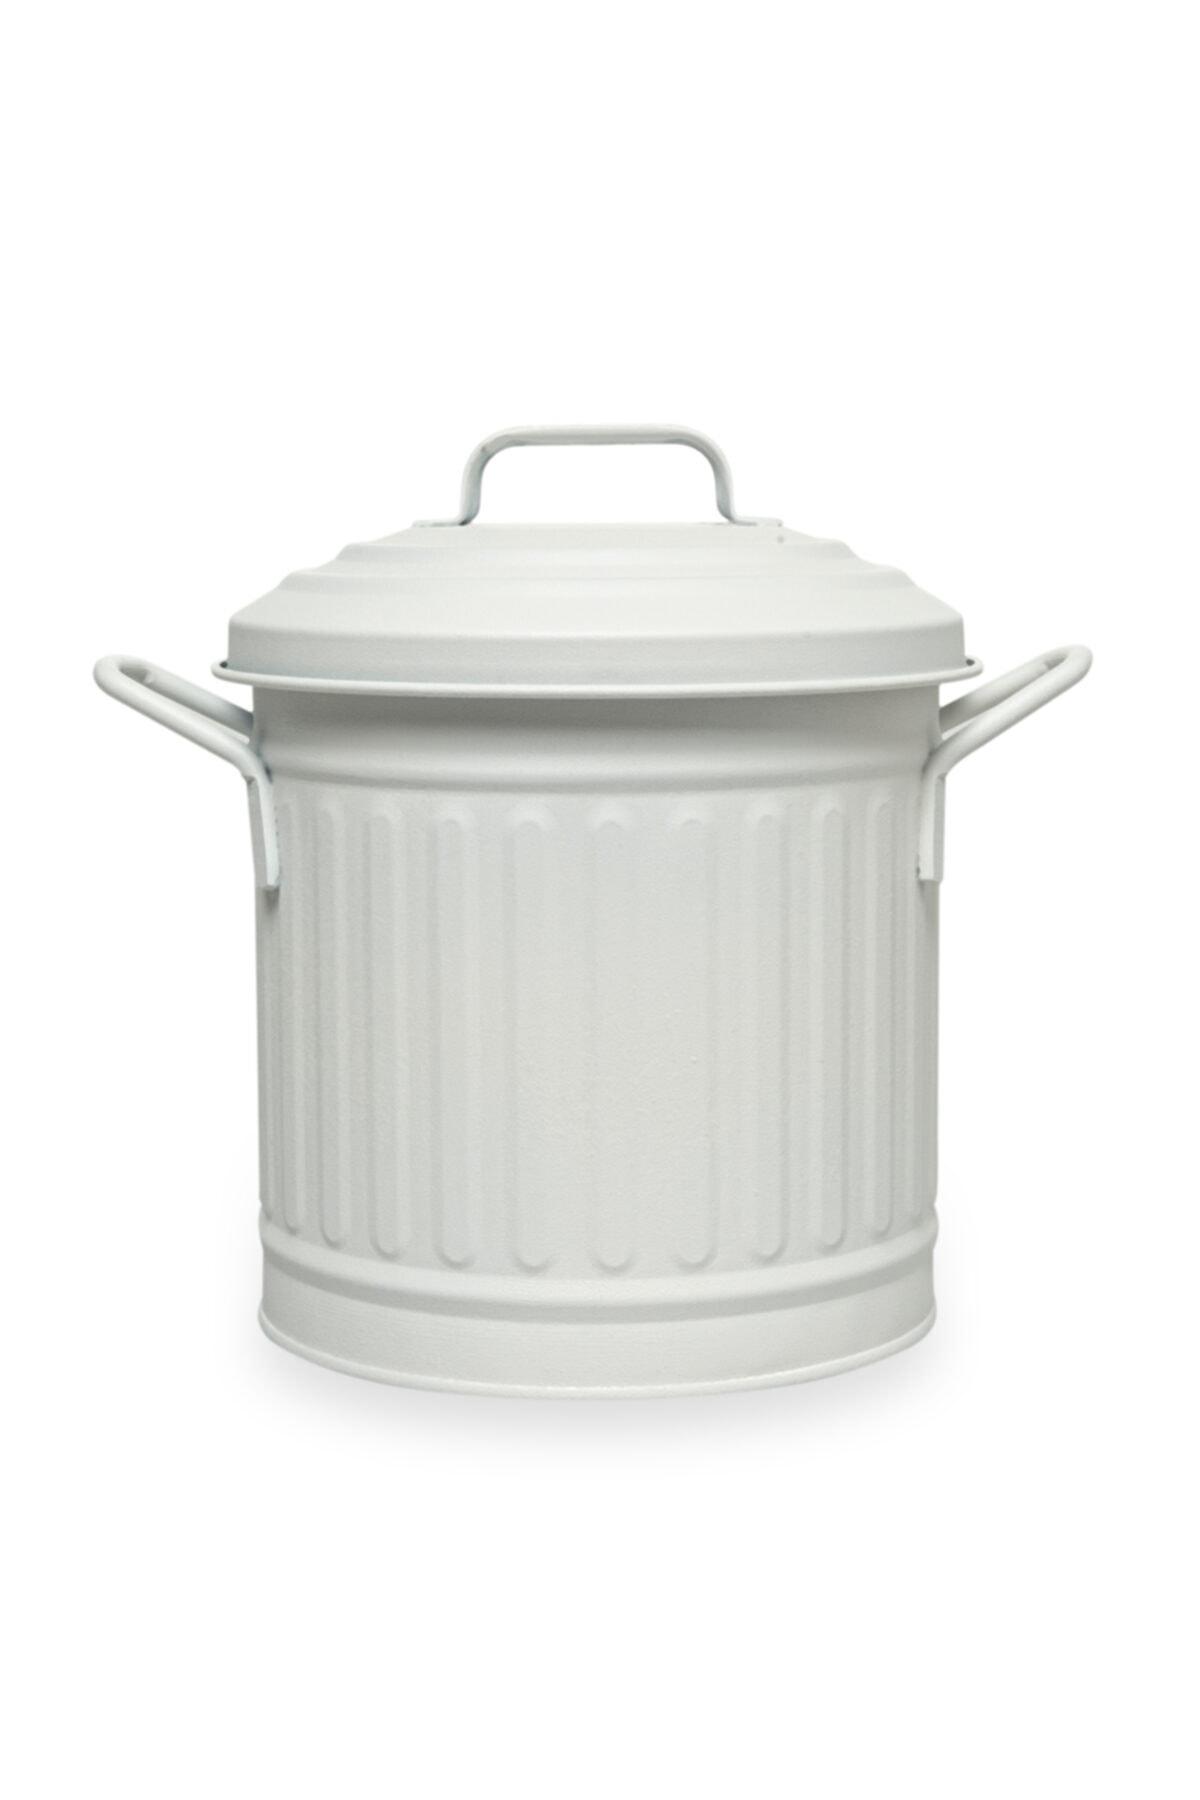 Beyaz Tezgah Çöp Kovası 4 l